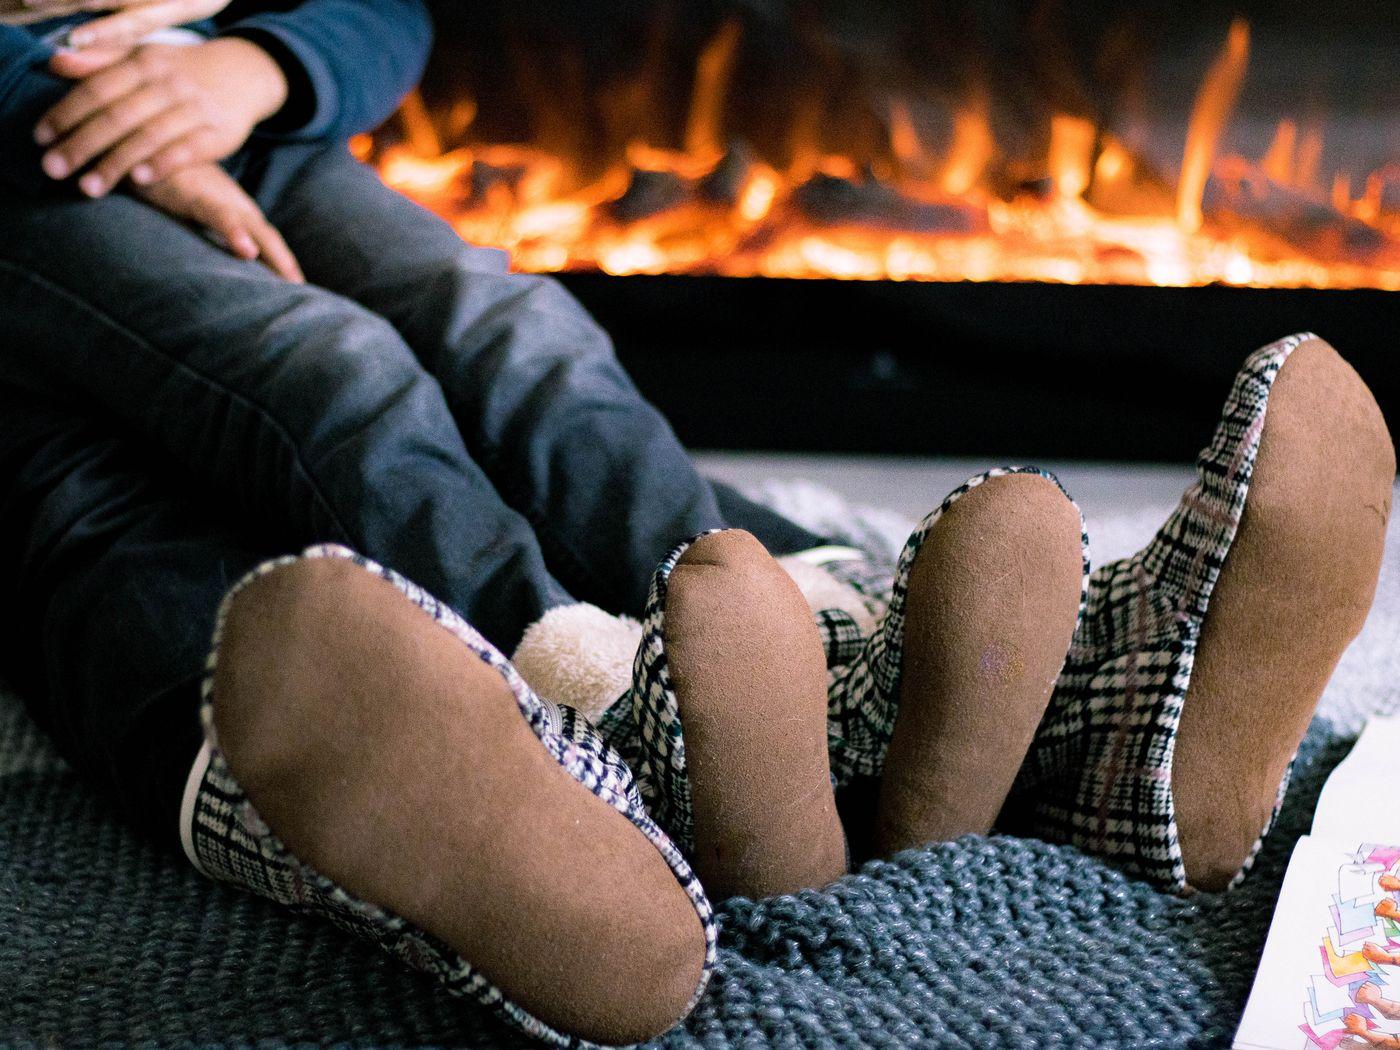 Produktfoto 2 von LaLilly Herzileien für Schnittmuster Hüttenschuhe Comodidad Family